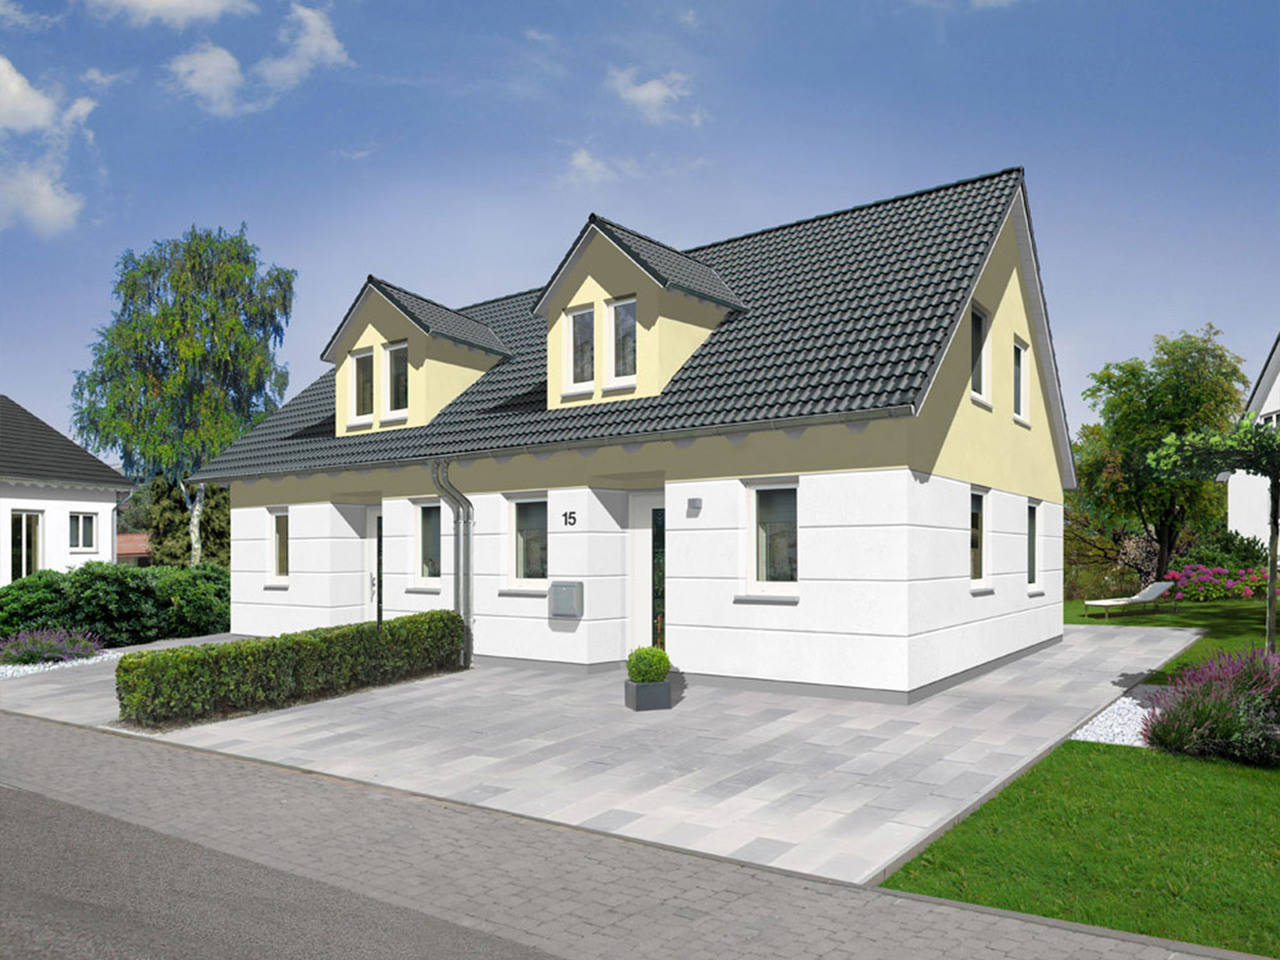 Doppelhaus Duett 115 Trend a2